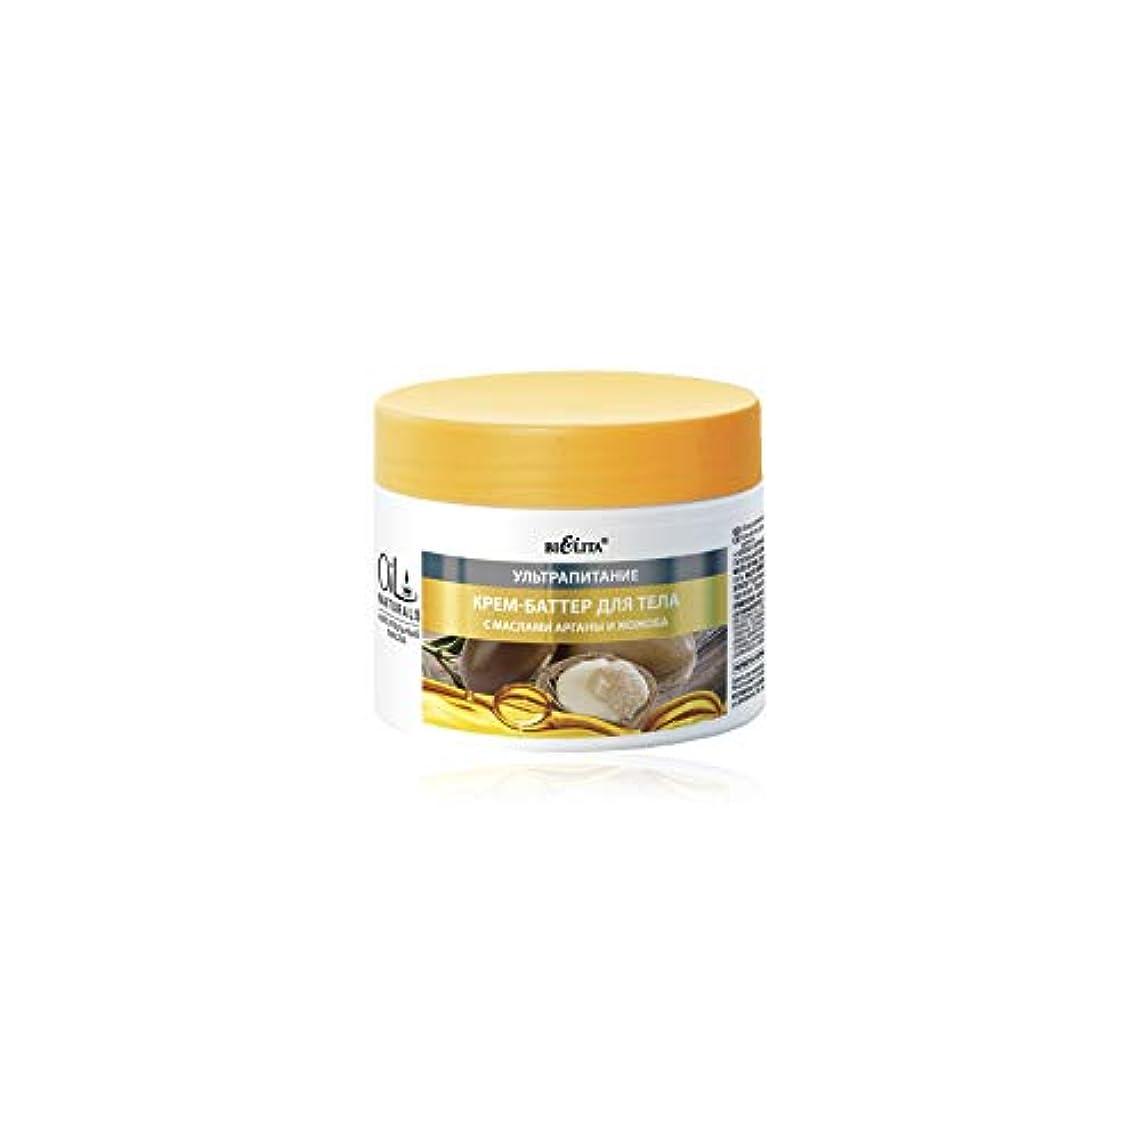 遅らせる急性ひらめきBielita & Vitex Oil Naturals Line | Ultra Nourishing Body Butter-Cream for Dry and Sensitive Skin, 300 ml | Argan...